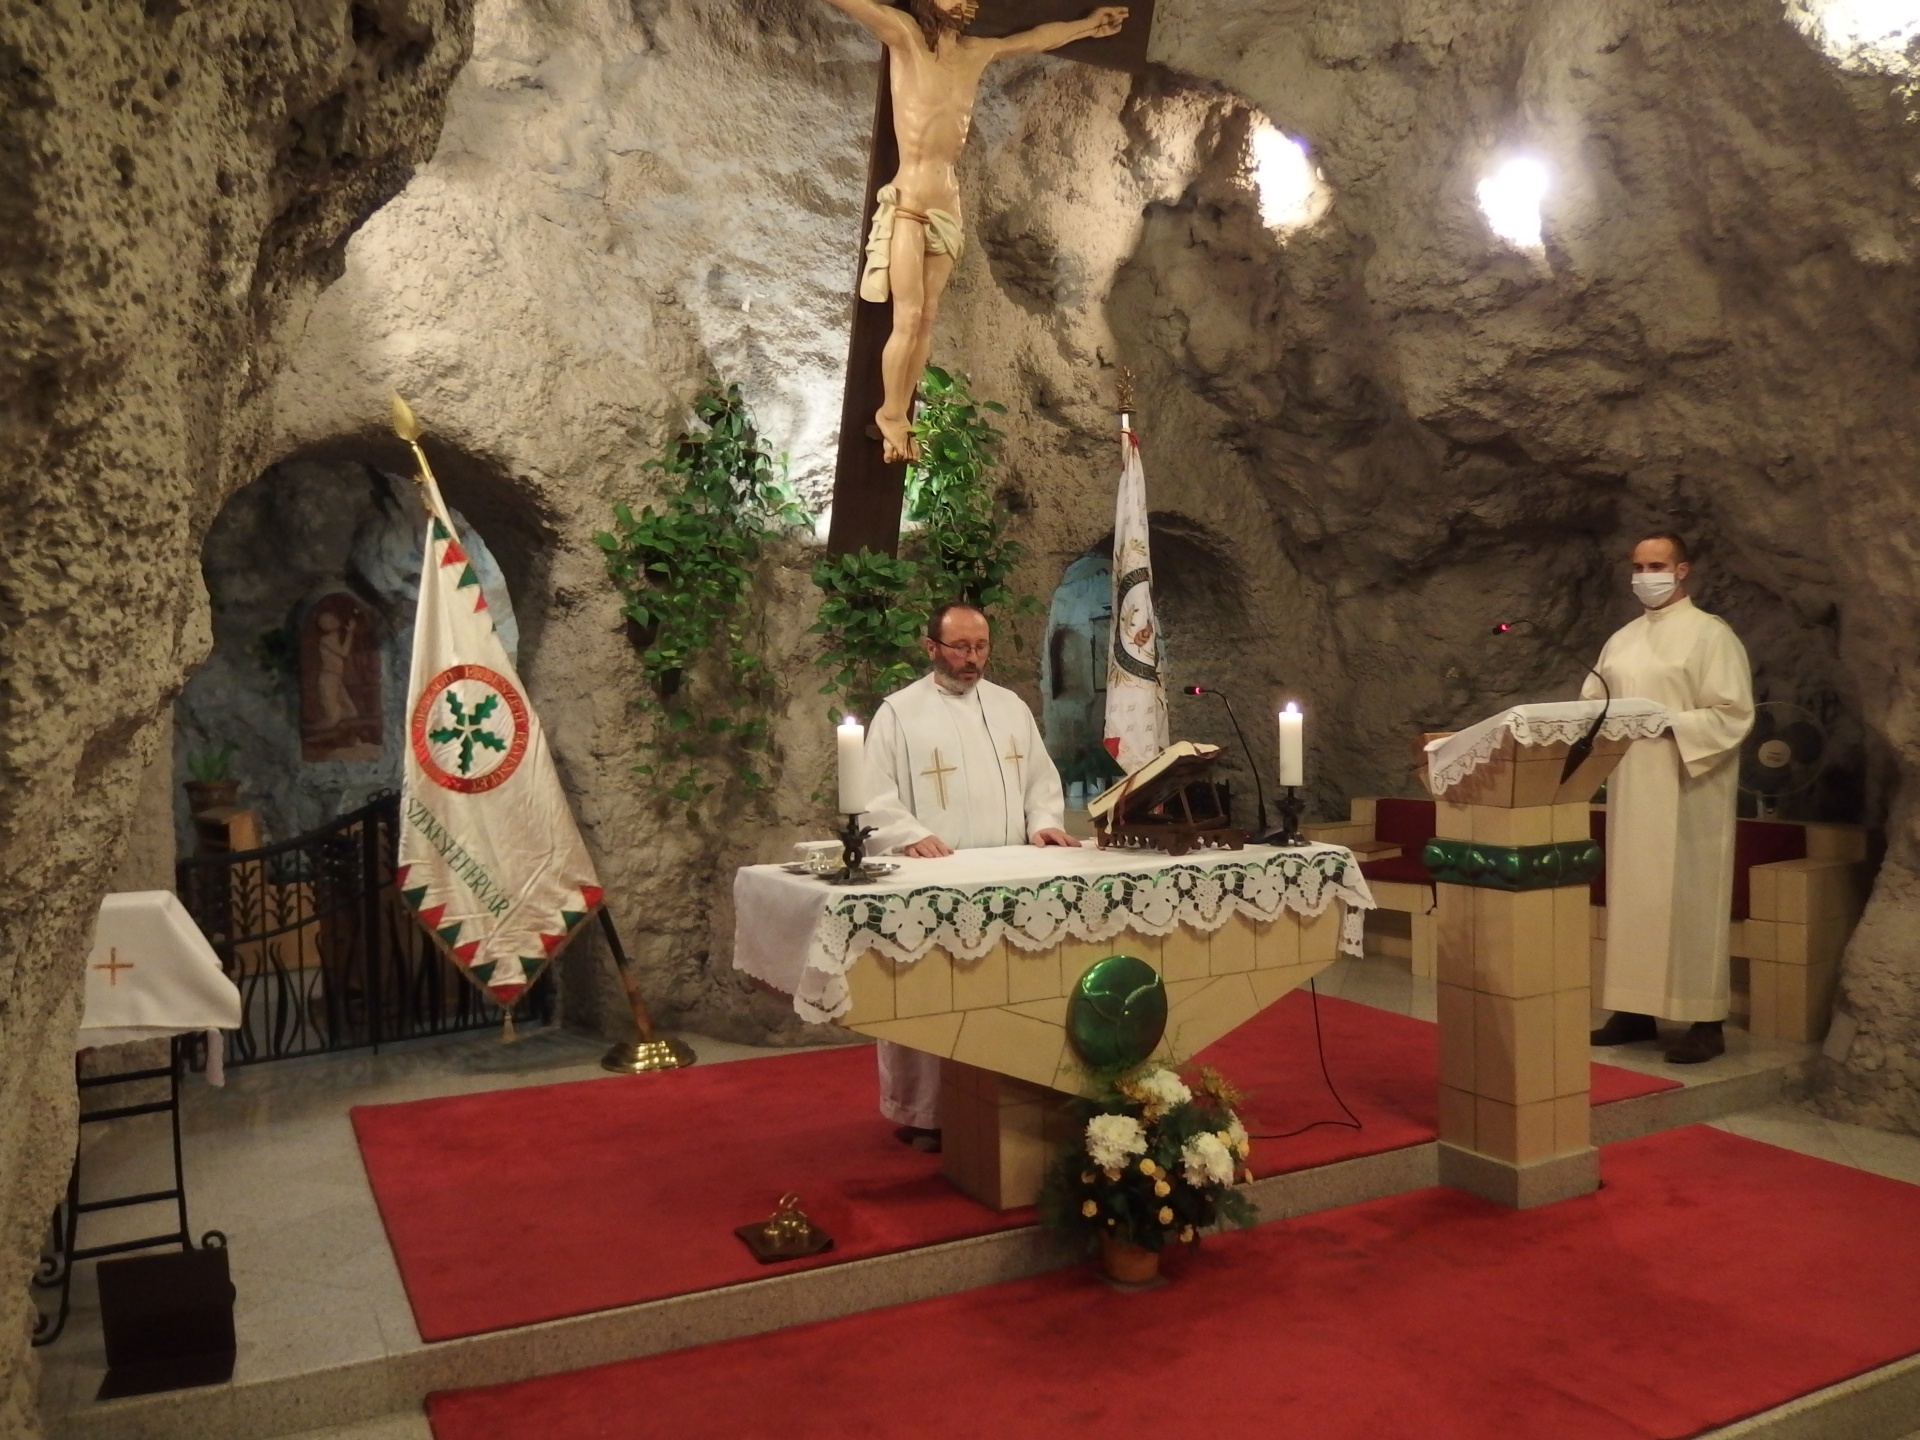 Erdész szentmise a Sziklatemplomban